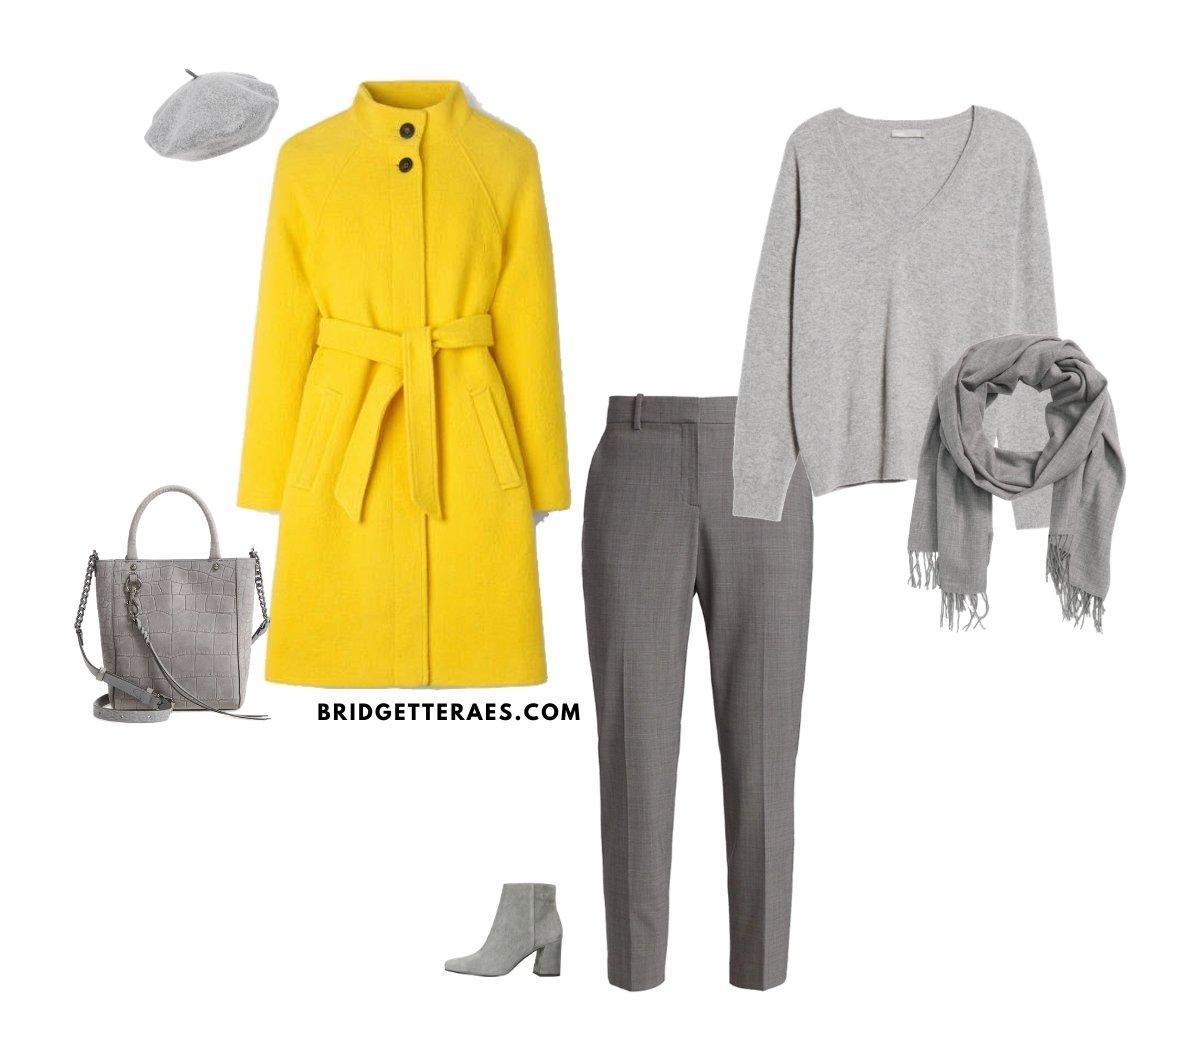 podzimní outfit v barvách roku 2021 - ve žluté a šedé barvě